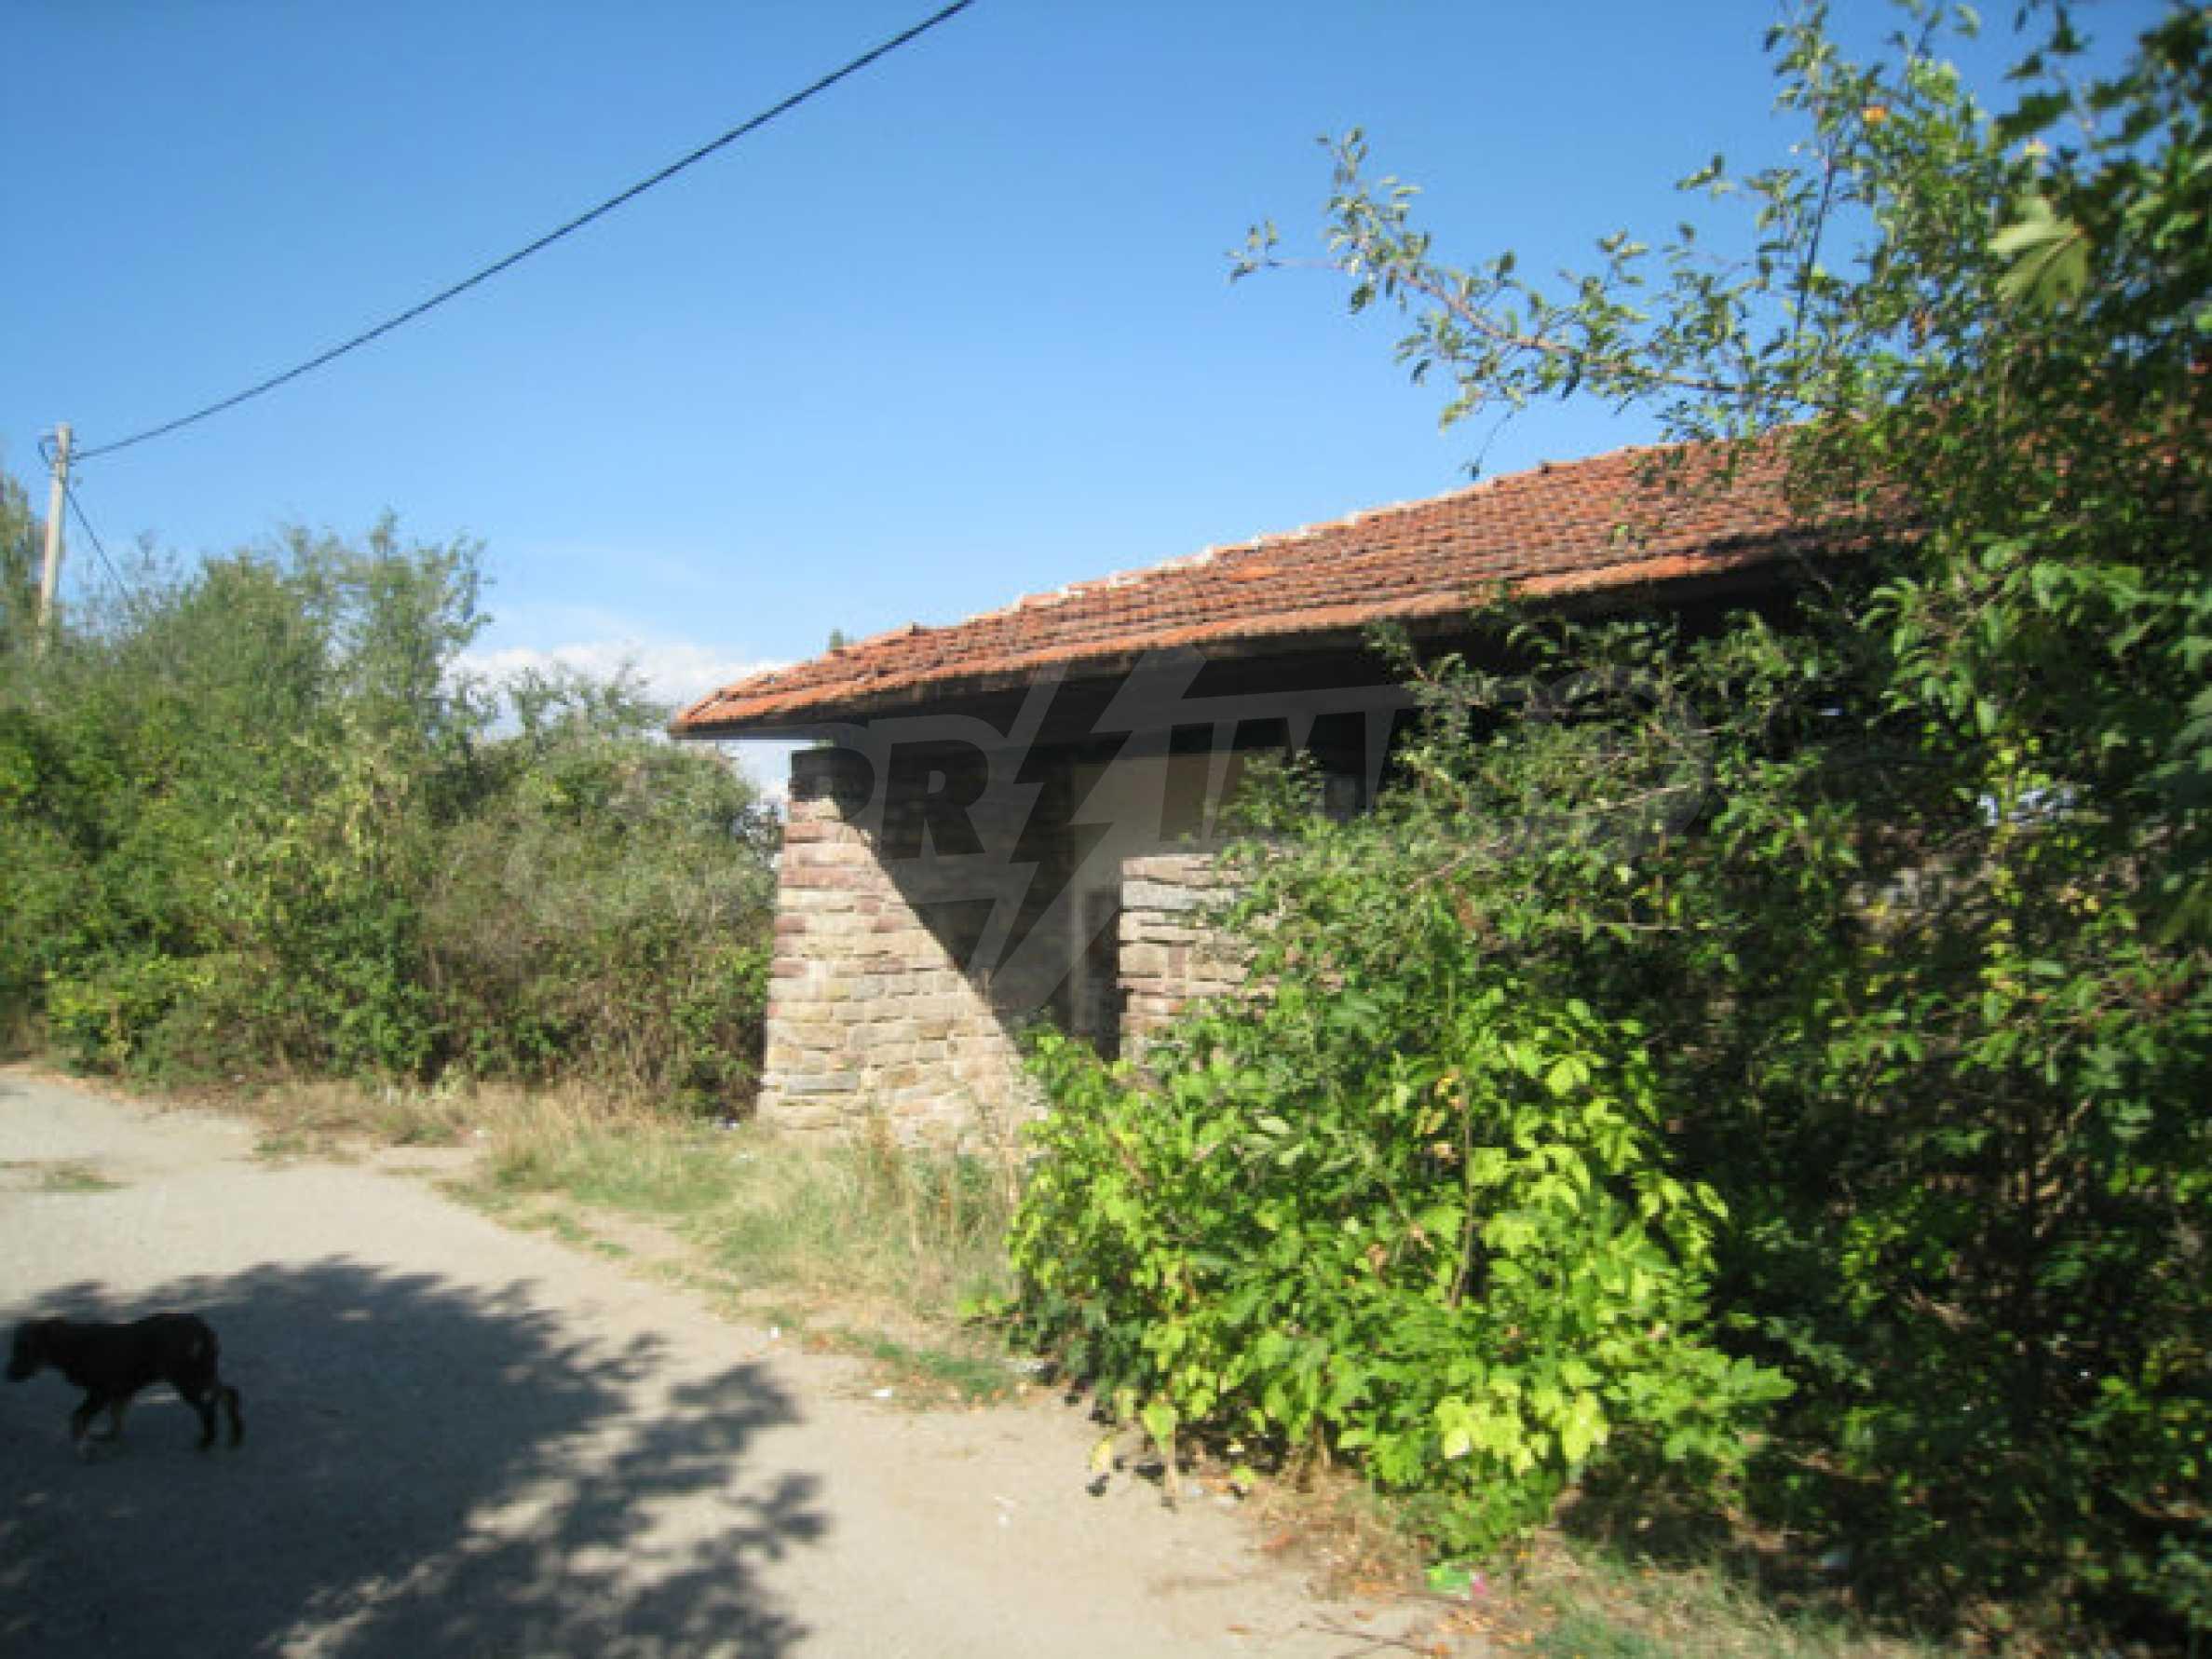 Großes reguliertes Grundstück für den Bau eines Privatgrundstücks in der Nähe von Sofia 13